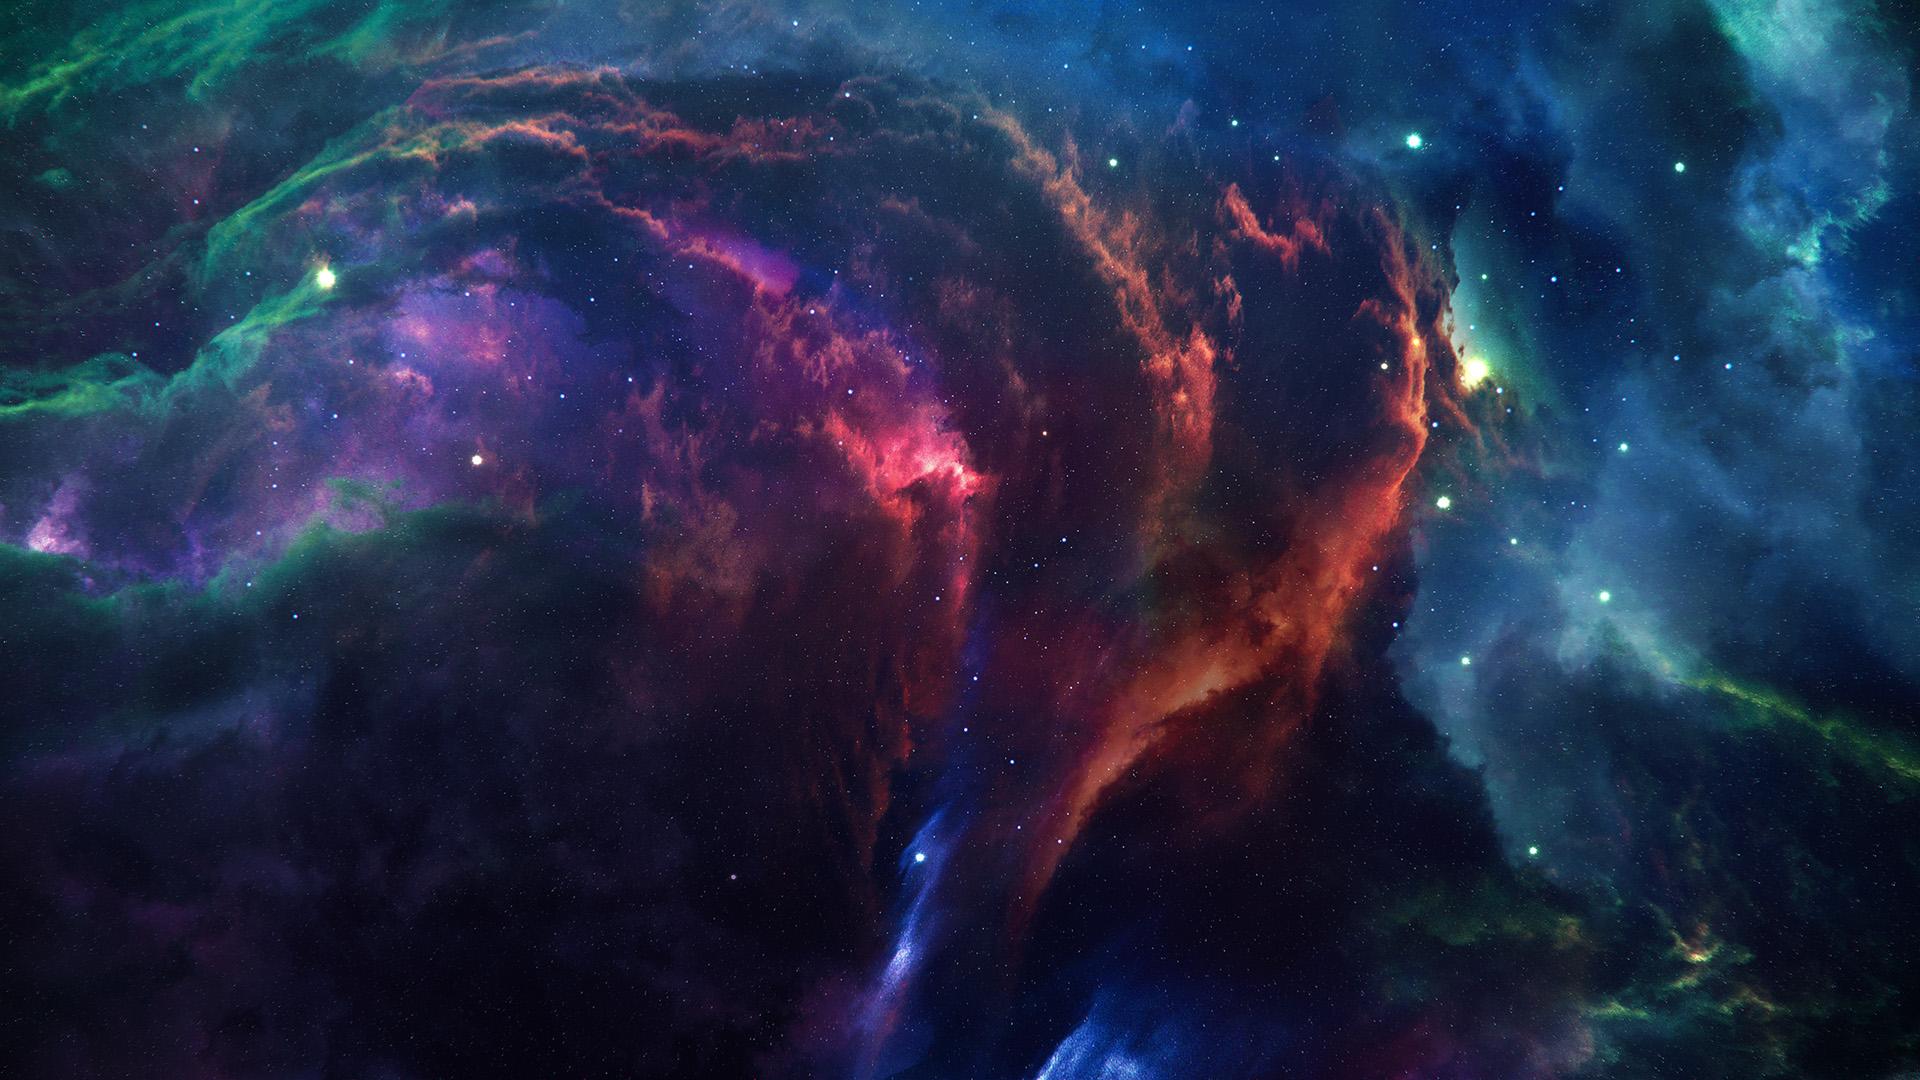 Organic Nebula